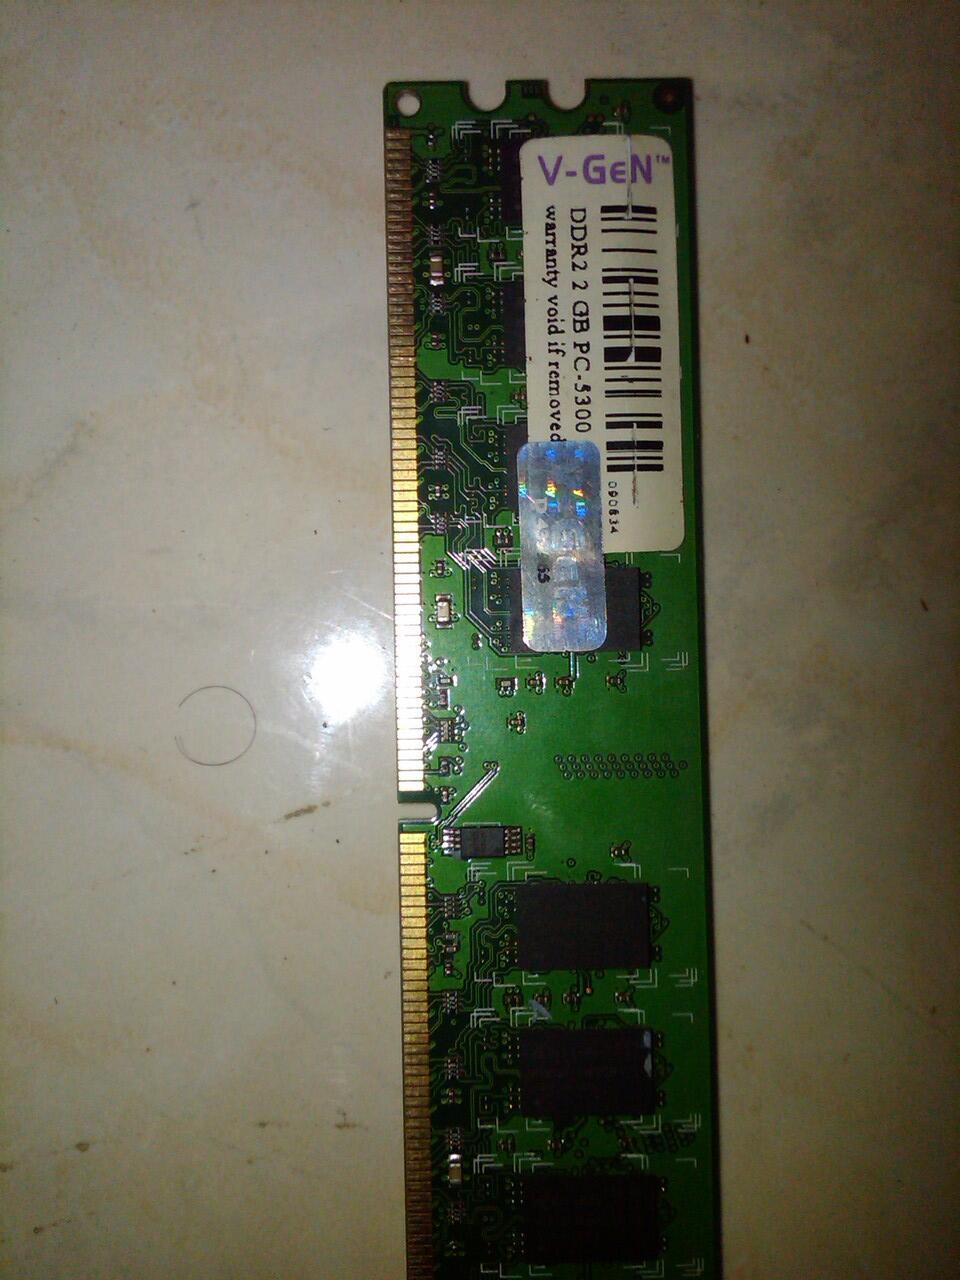 Gigabyte GA-G41MT-S2PT DDR3,Vgen DDR 2 Gb 5300,PSU Amacrox Warrior 80 Plus 400 w,Hdd